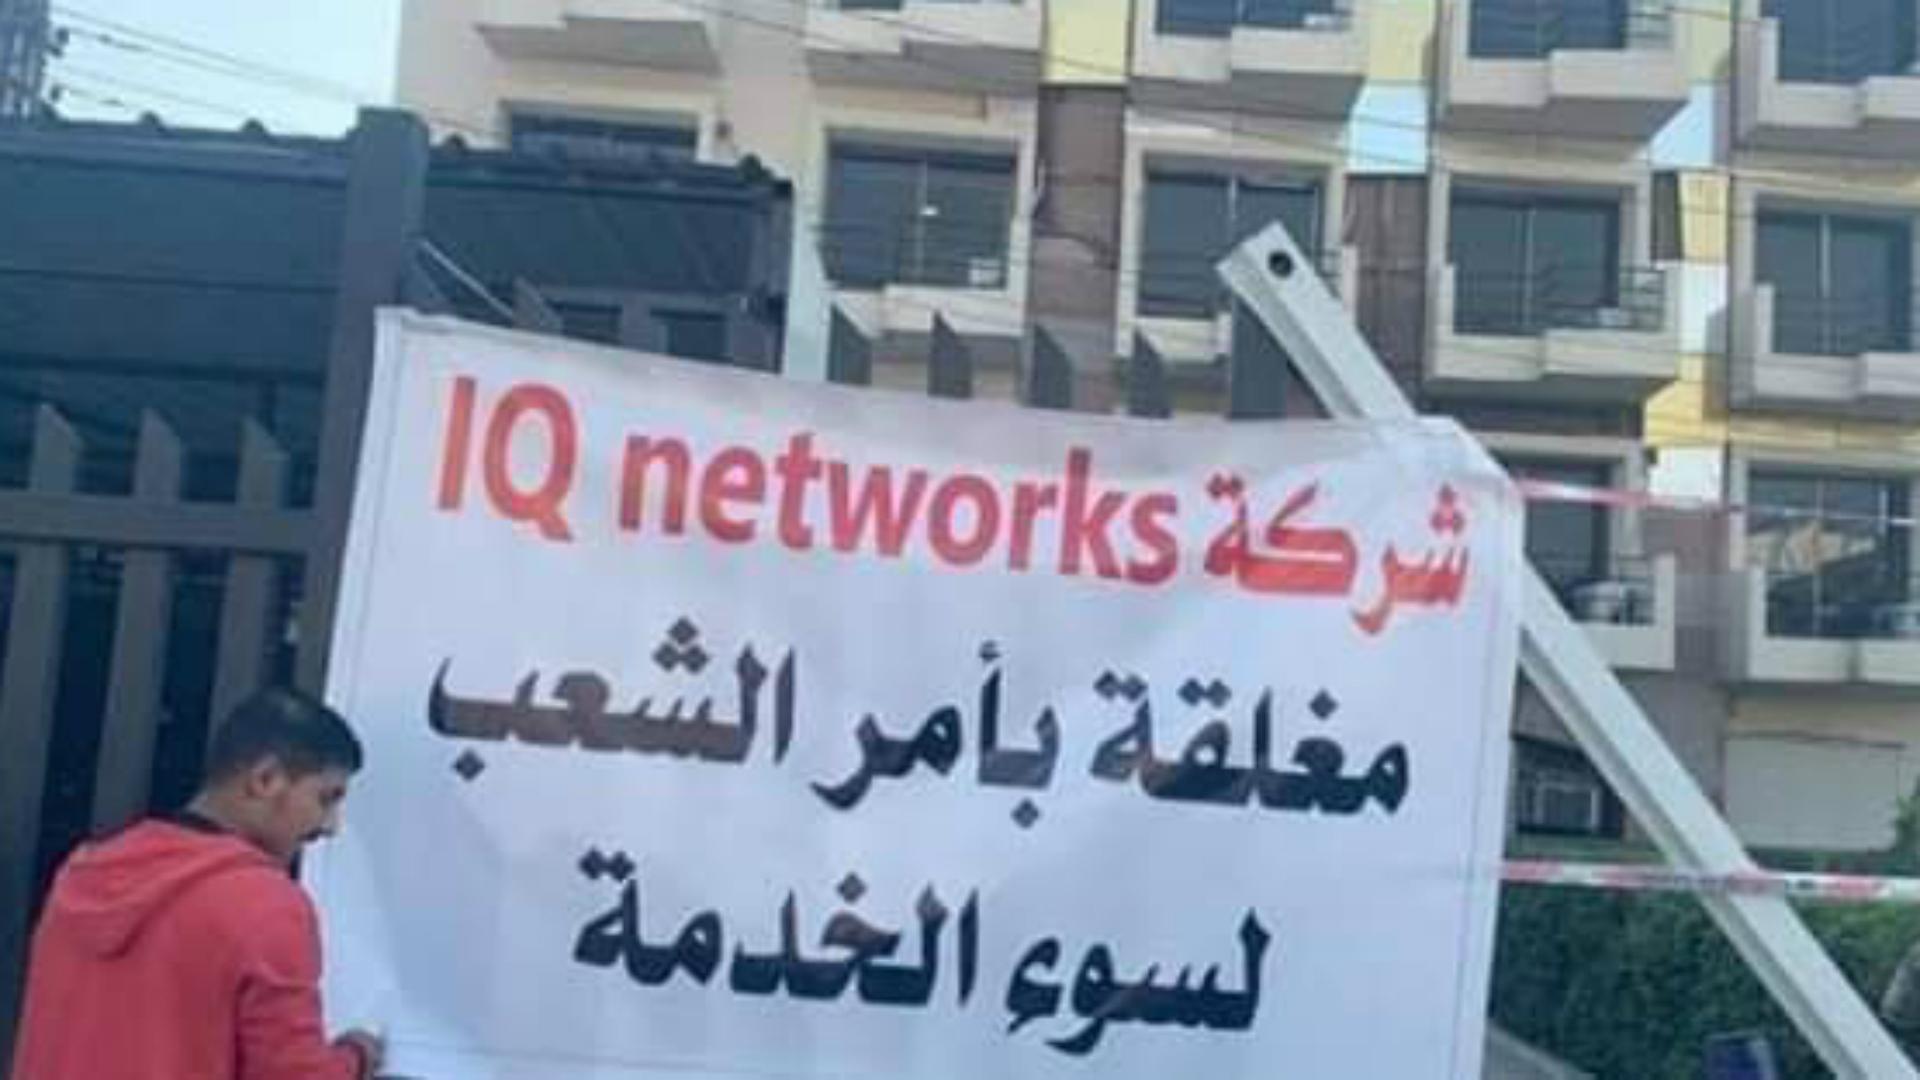 غلق شركة أنترنت في بغداد احتجاجاً على سوء الخدمة وغلاء الأسعار